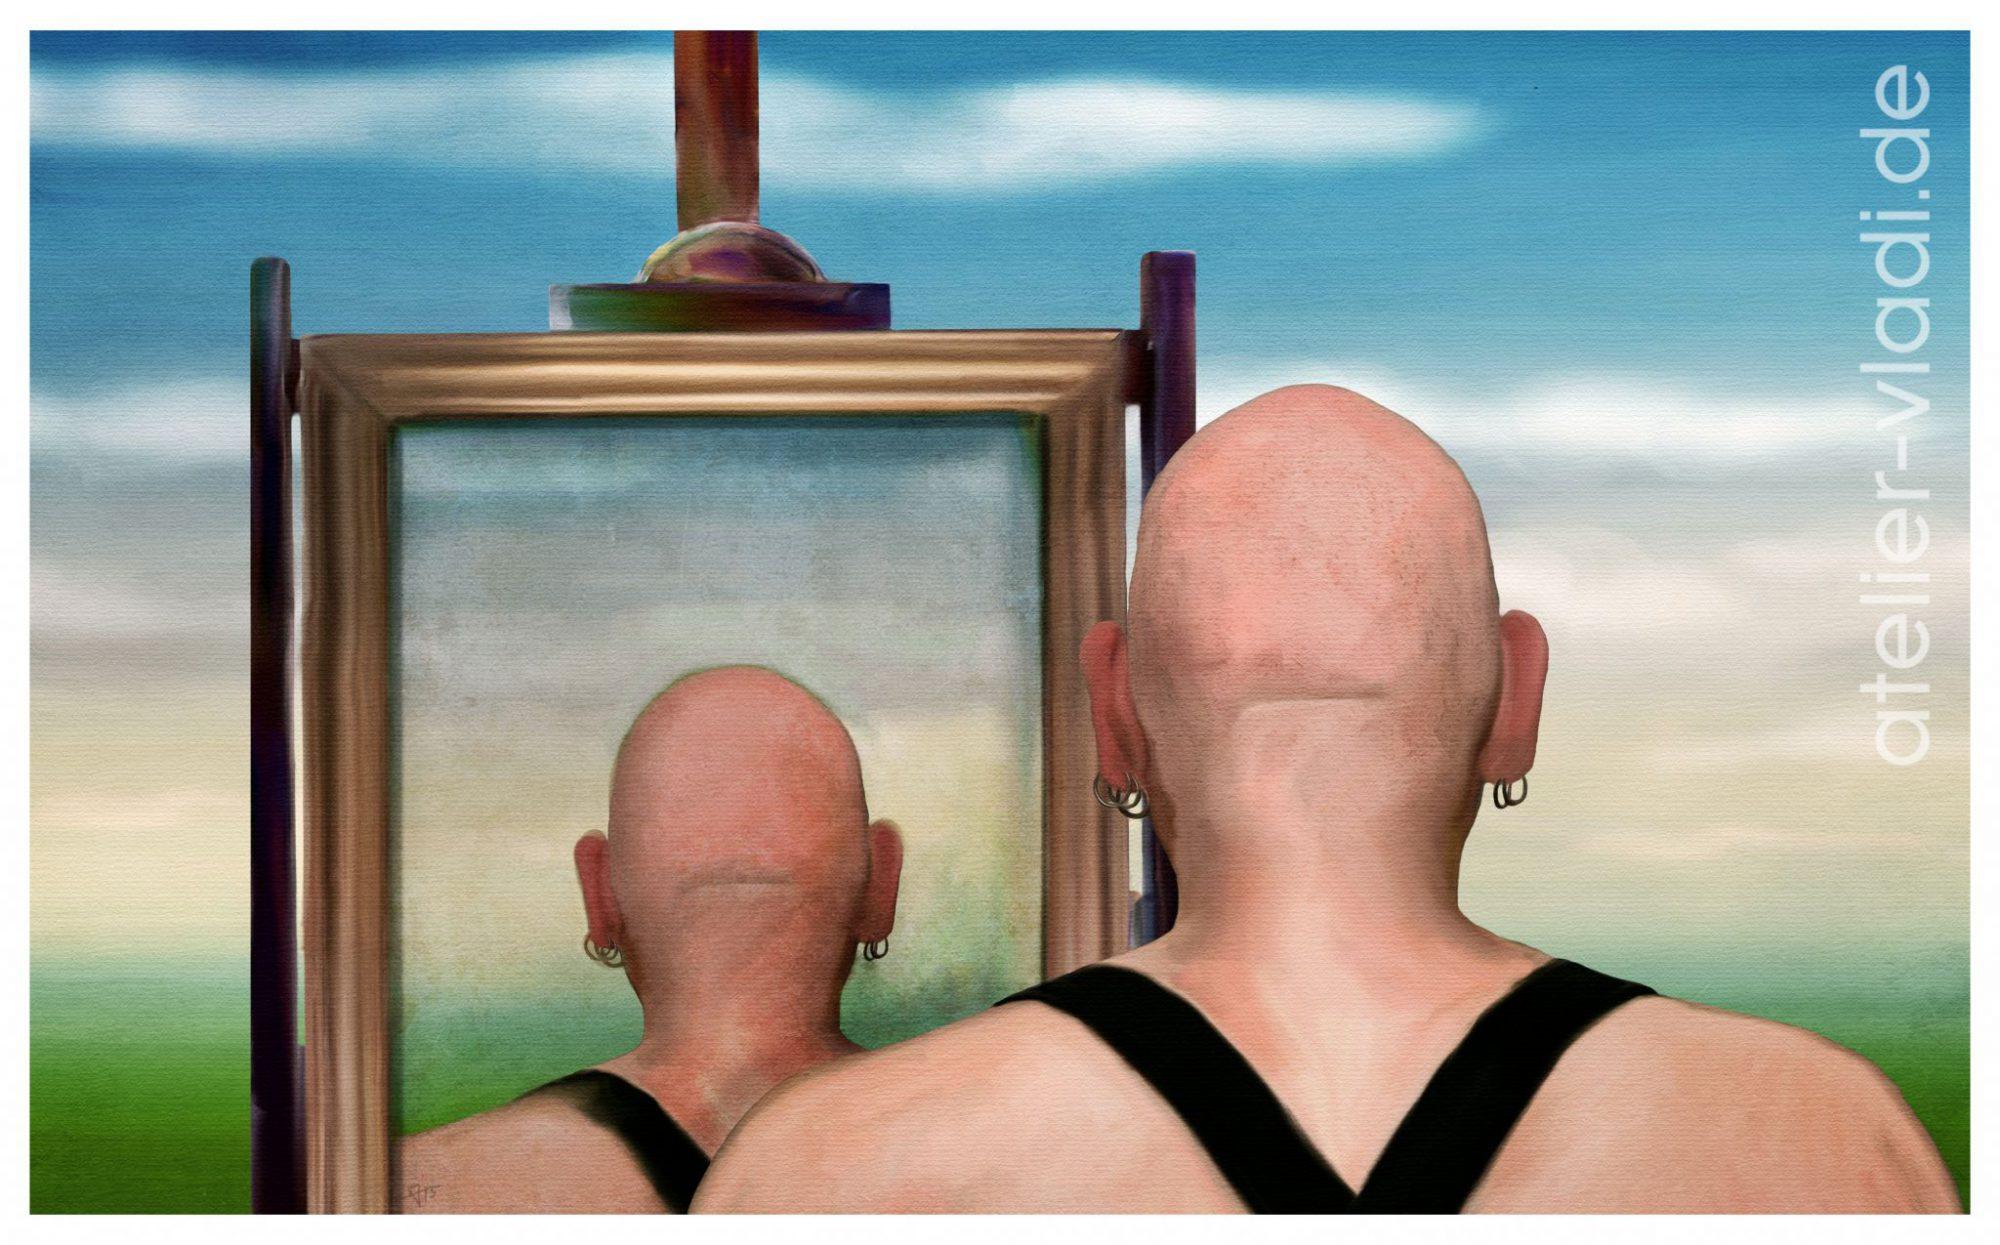 Selbstportrait Hosenträger Rücken Hinterkopf